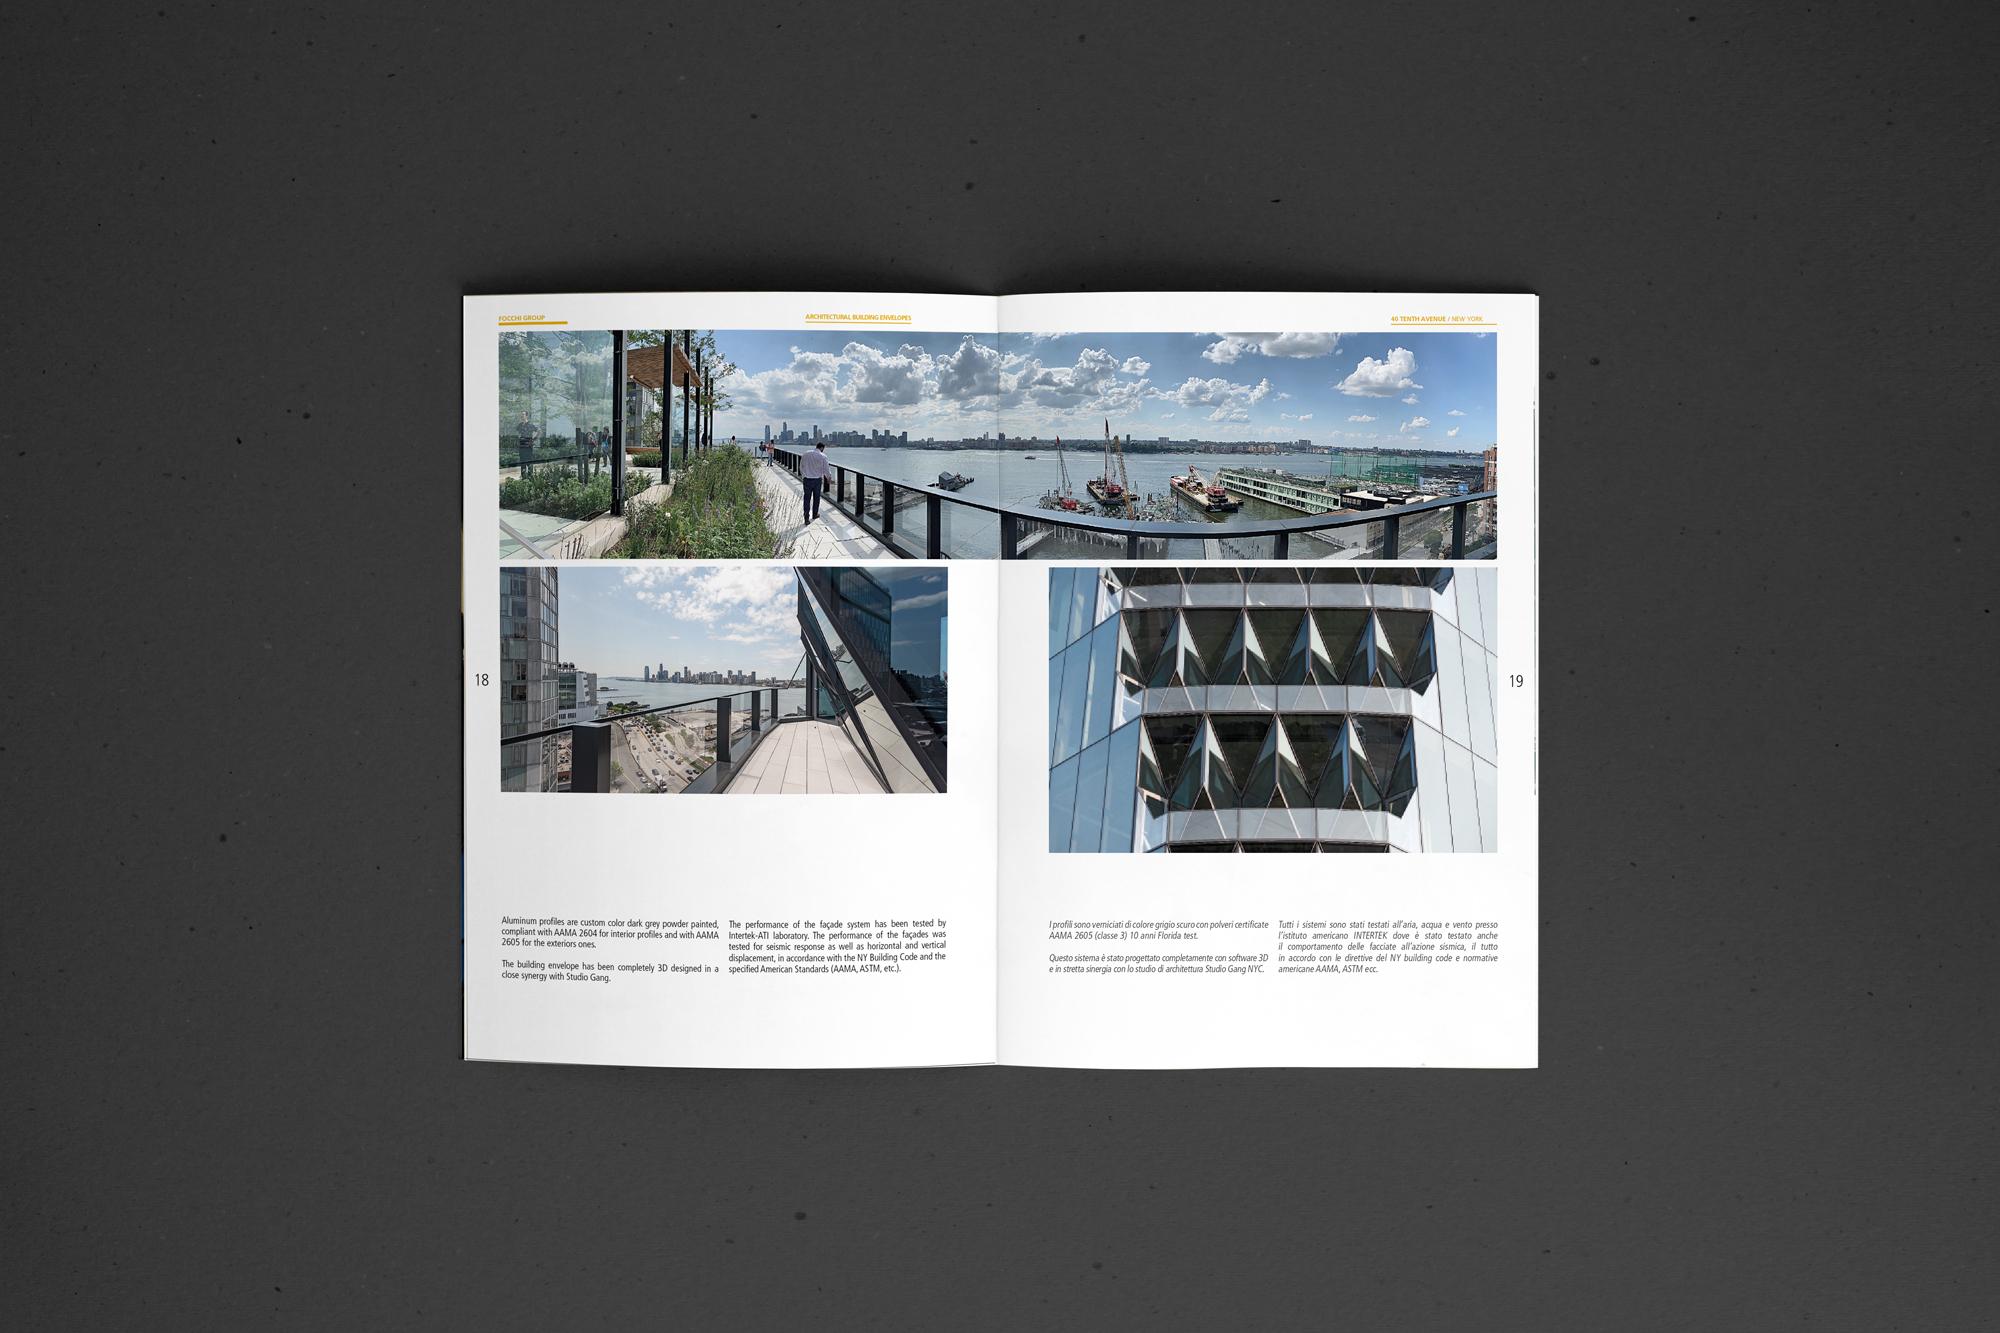 IMG_1643-Modifica_montaggio-pagine1